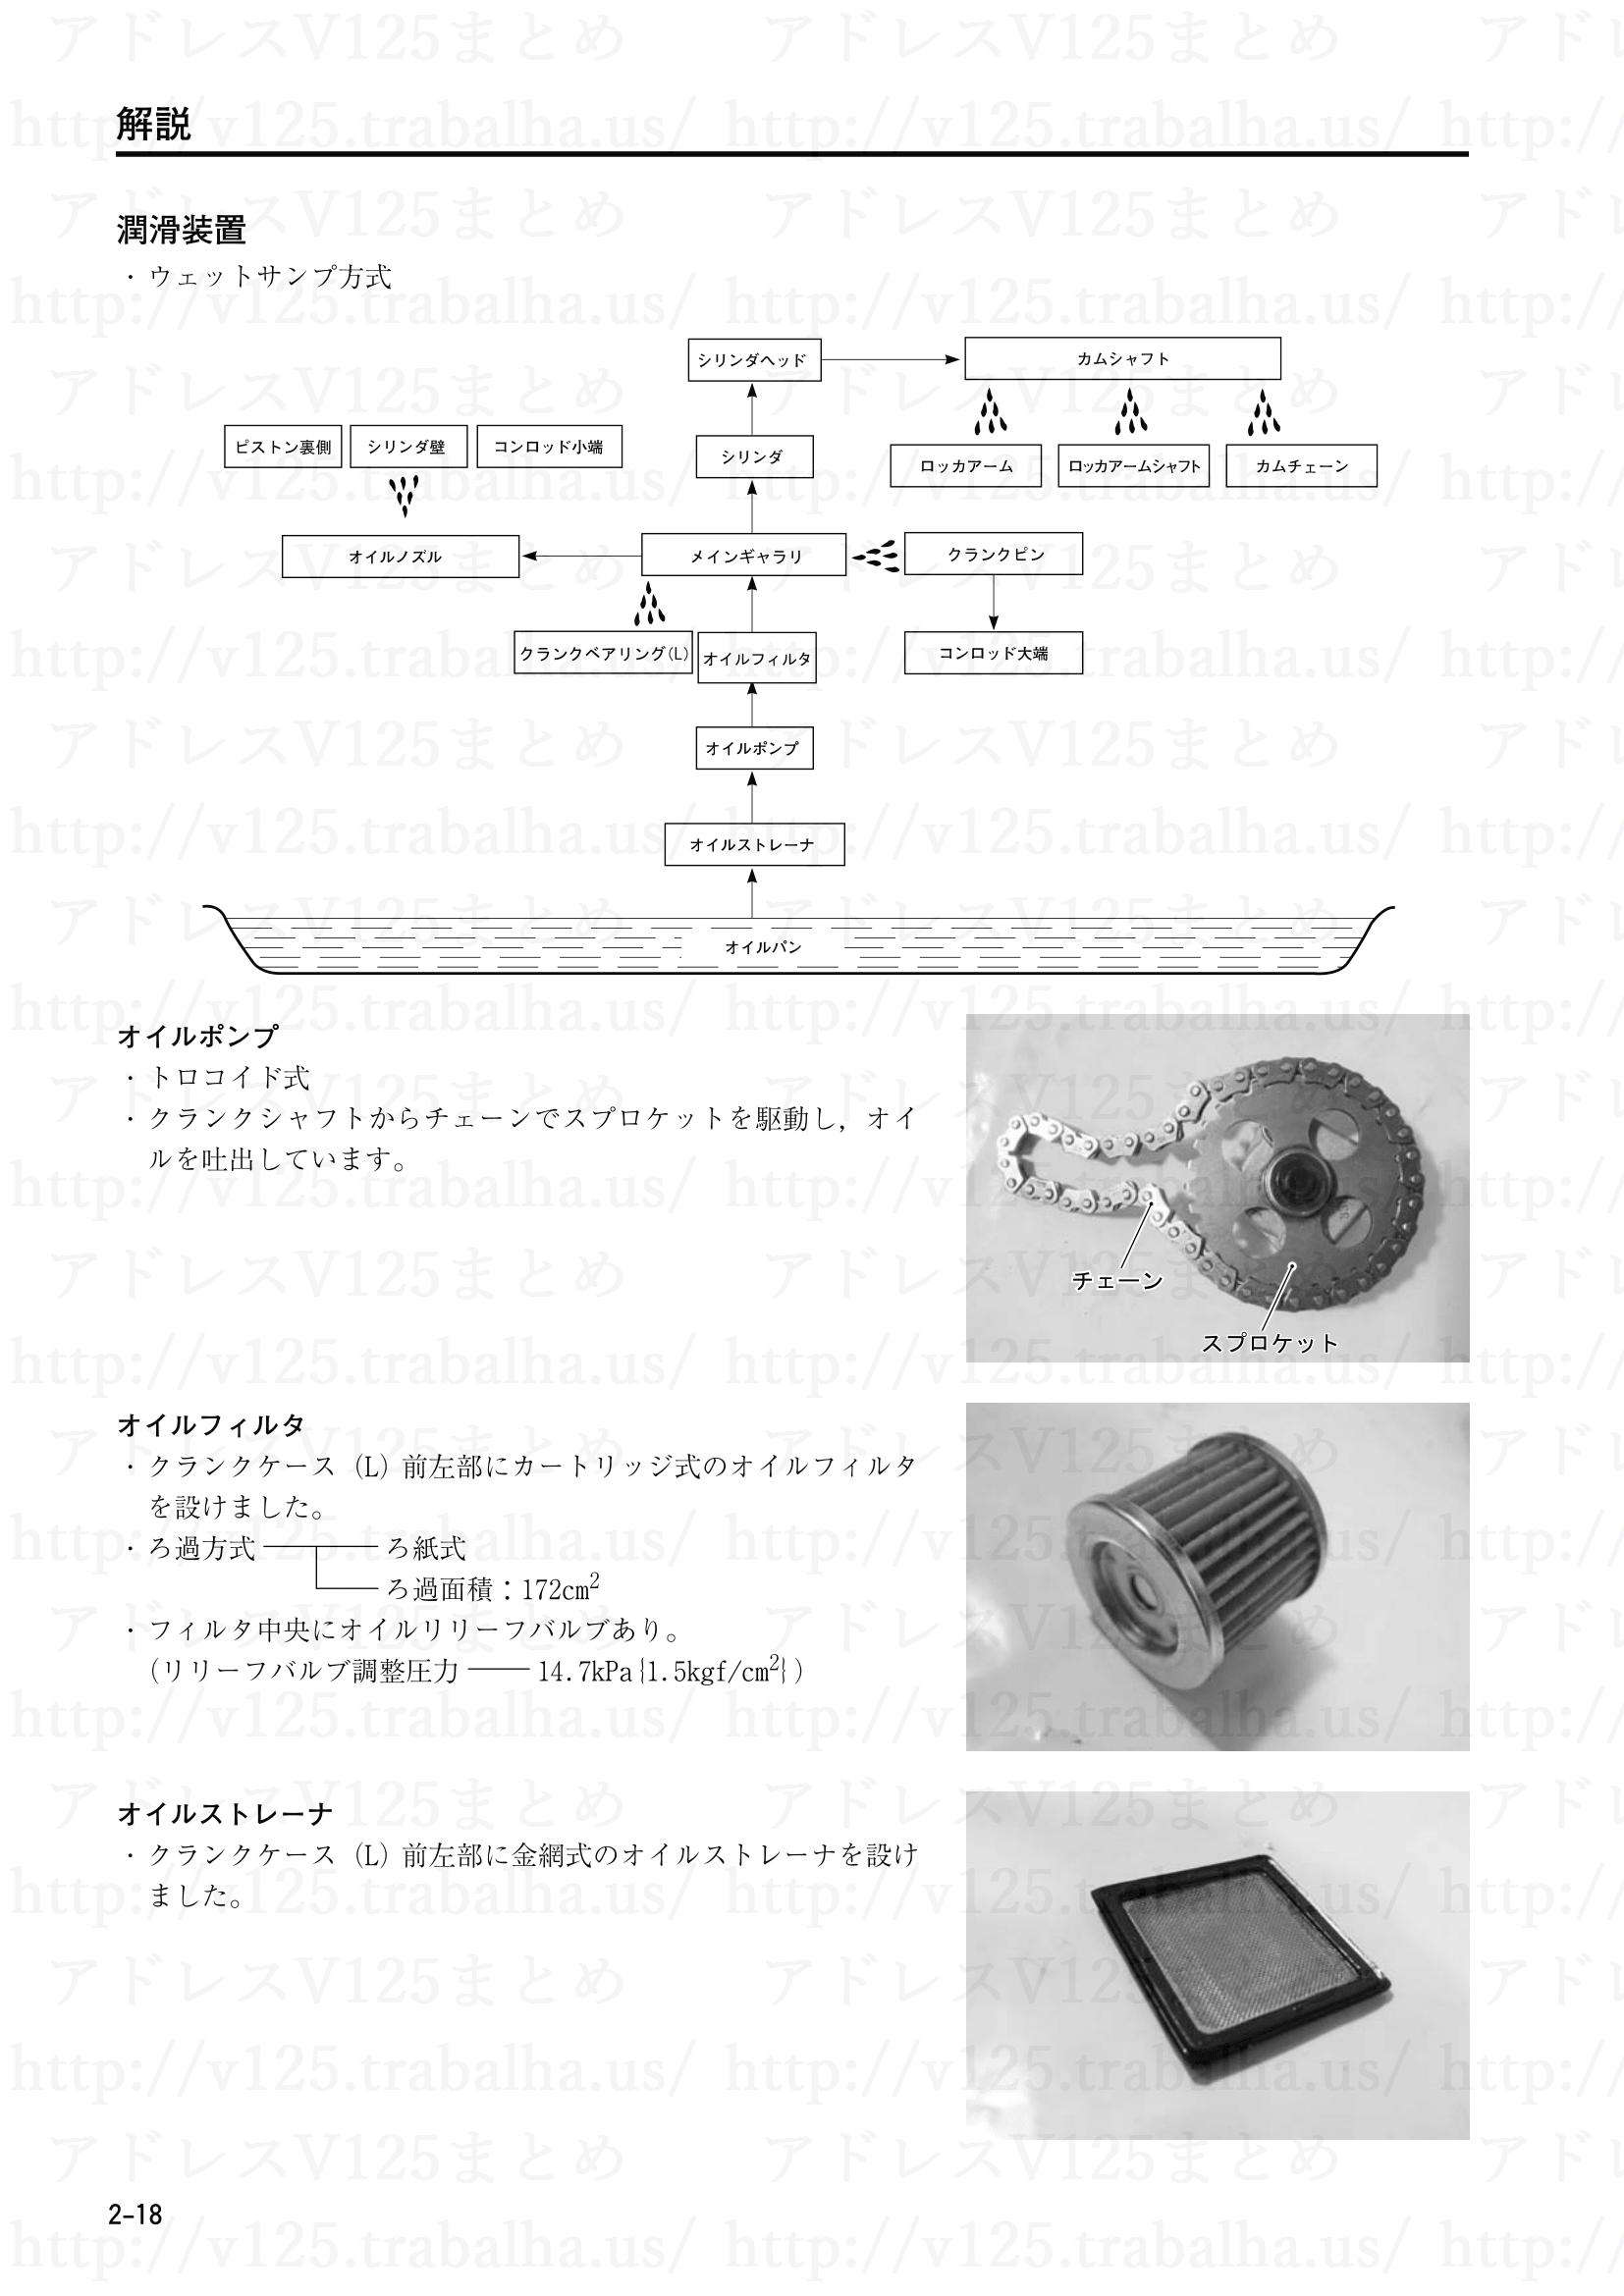 2-18【解説】潤滑装置